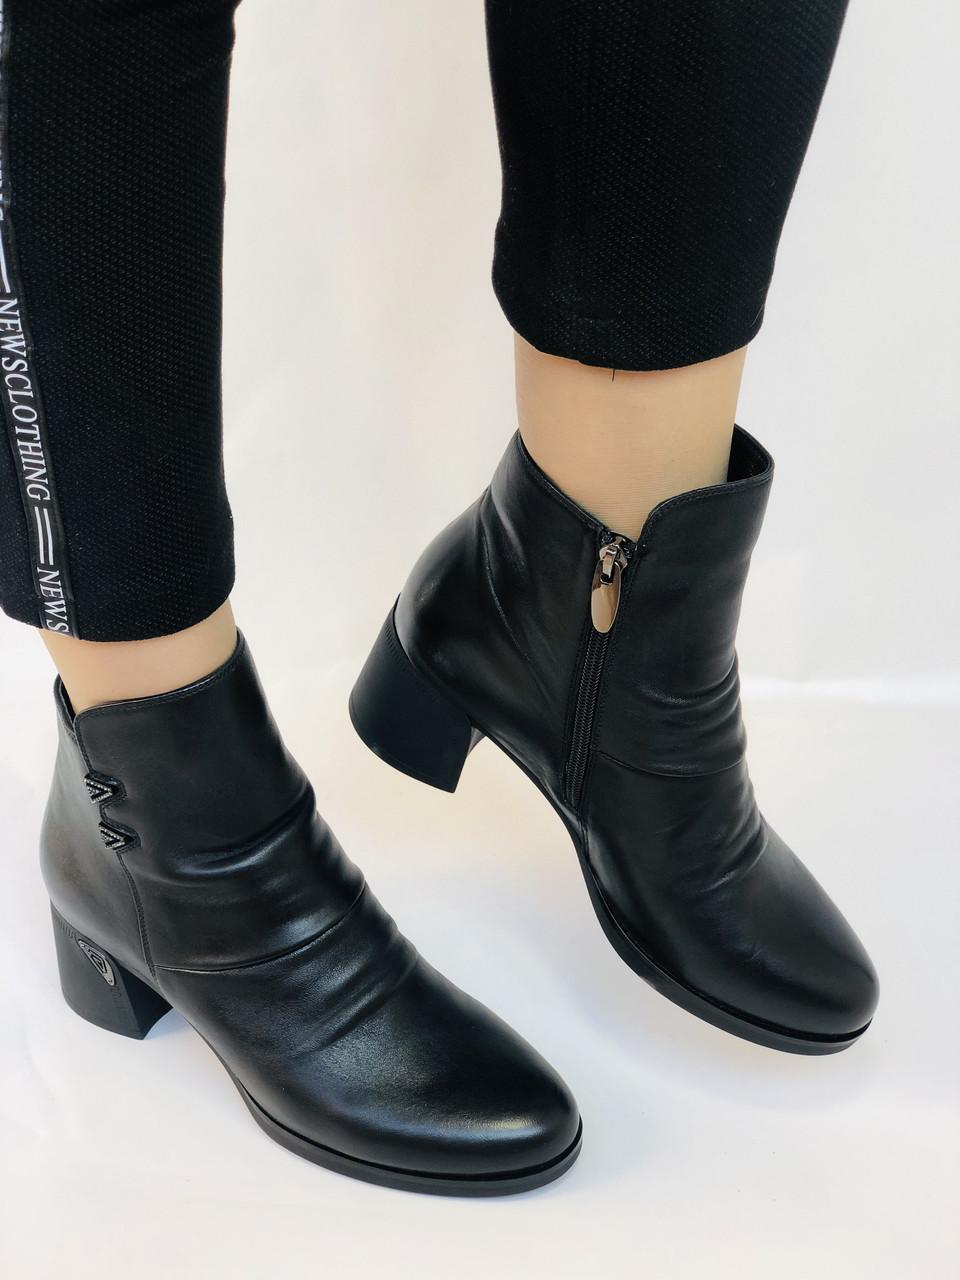 Женские ботинки. На cреднем каблуке. Натуральная кожа. Люкс качество. Polann.  Р. 36.37.40. Vellena